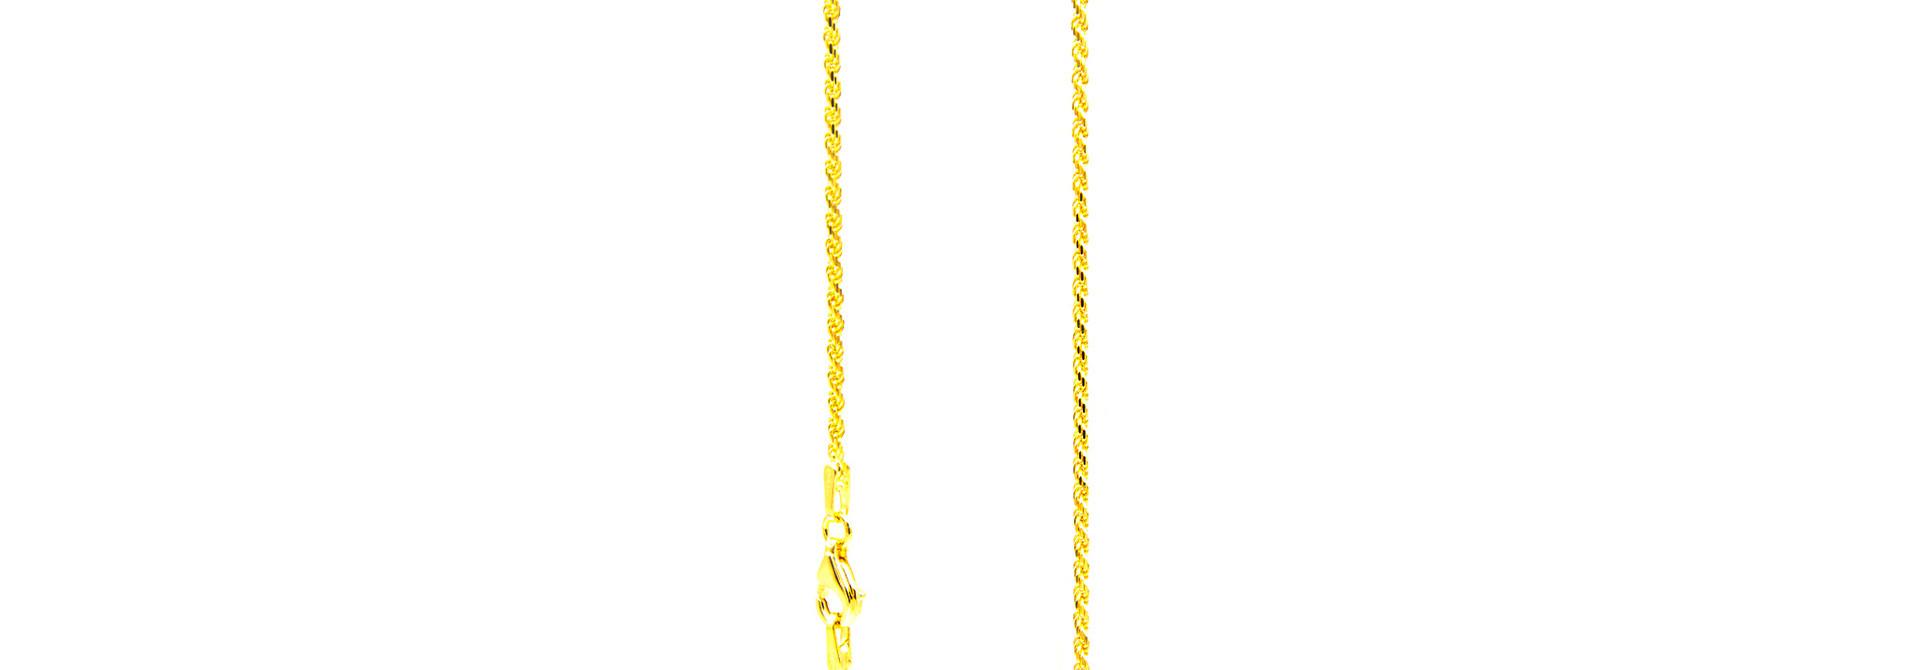 Rope Chain massief NL 18k-1.5mm